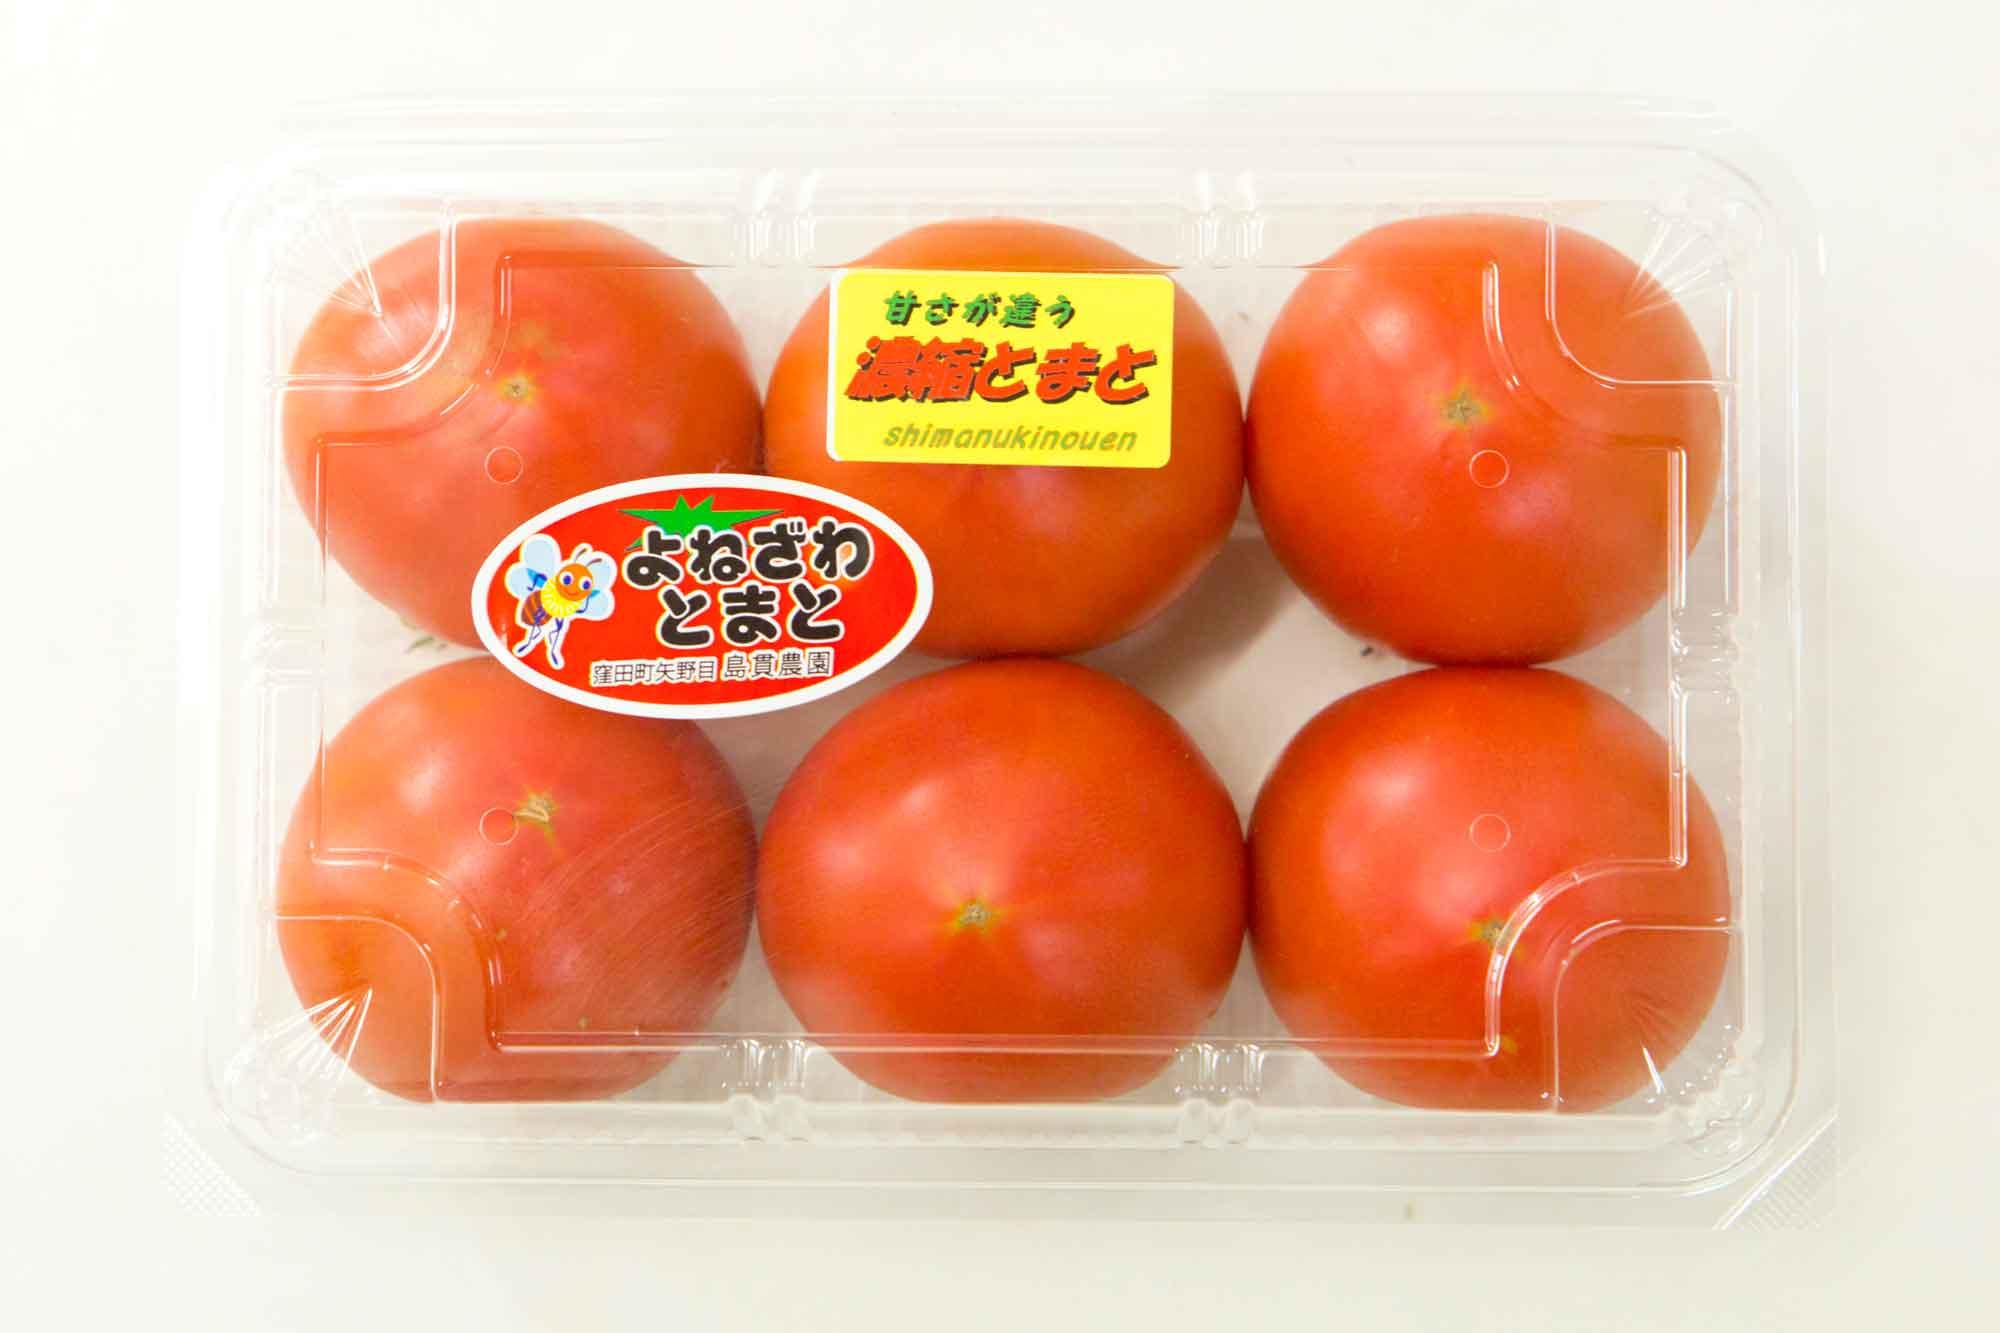 山形県アンテナショップおいしい山形 素材を訪ねて|米沢トマト:                     「濃縮とまと」に合格したトマト。